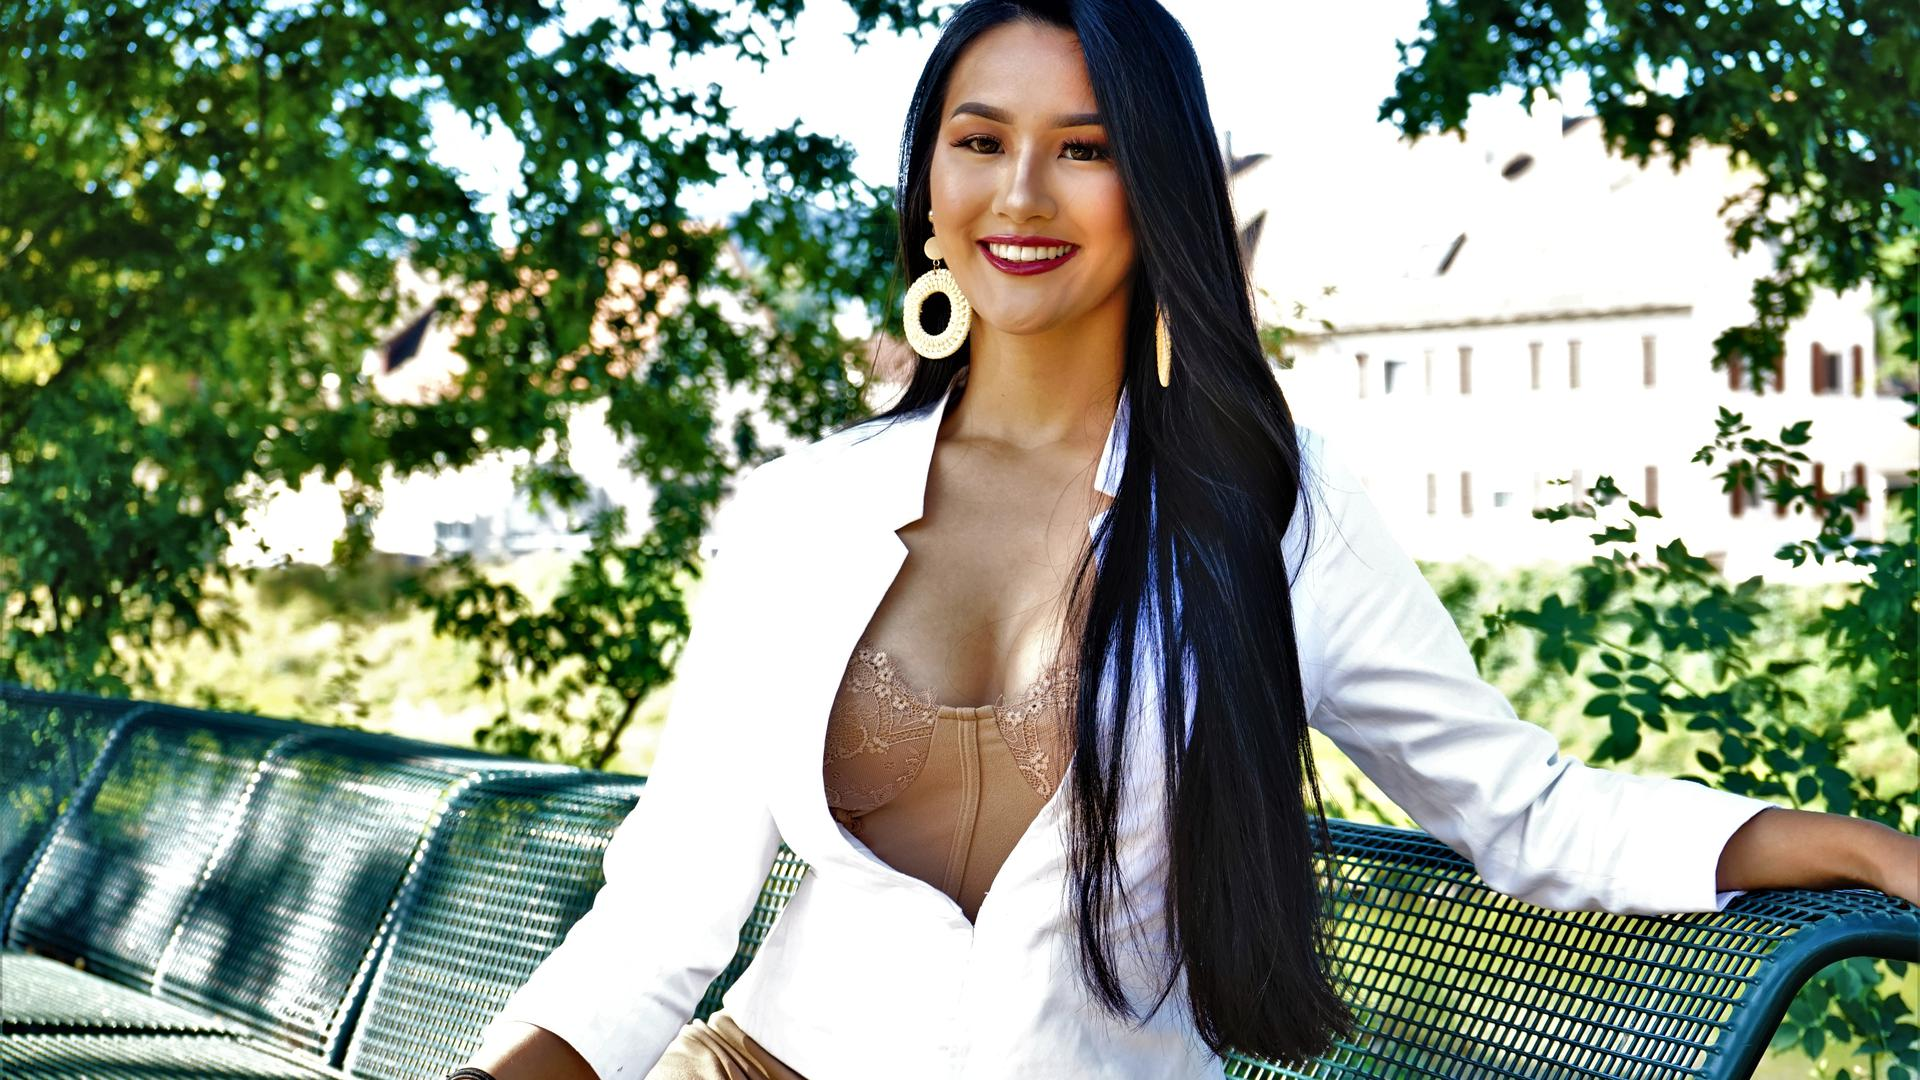 Lalaine Mahler aus Loffenau nimmt im Oktober 2019 in Venezuela an einem Schönheitswettbewerb Miss Grand International teil. Die 19-Jährige hat 2018 begonnen, bei solchen Wettbewerben teilzunehmen. Sie berichtet von ihren Erfahrungen und dem, was ihr im Oktober bevorsteht. Bild im Murgpark Gaggenau